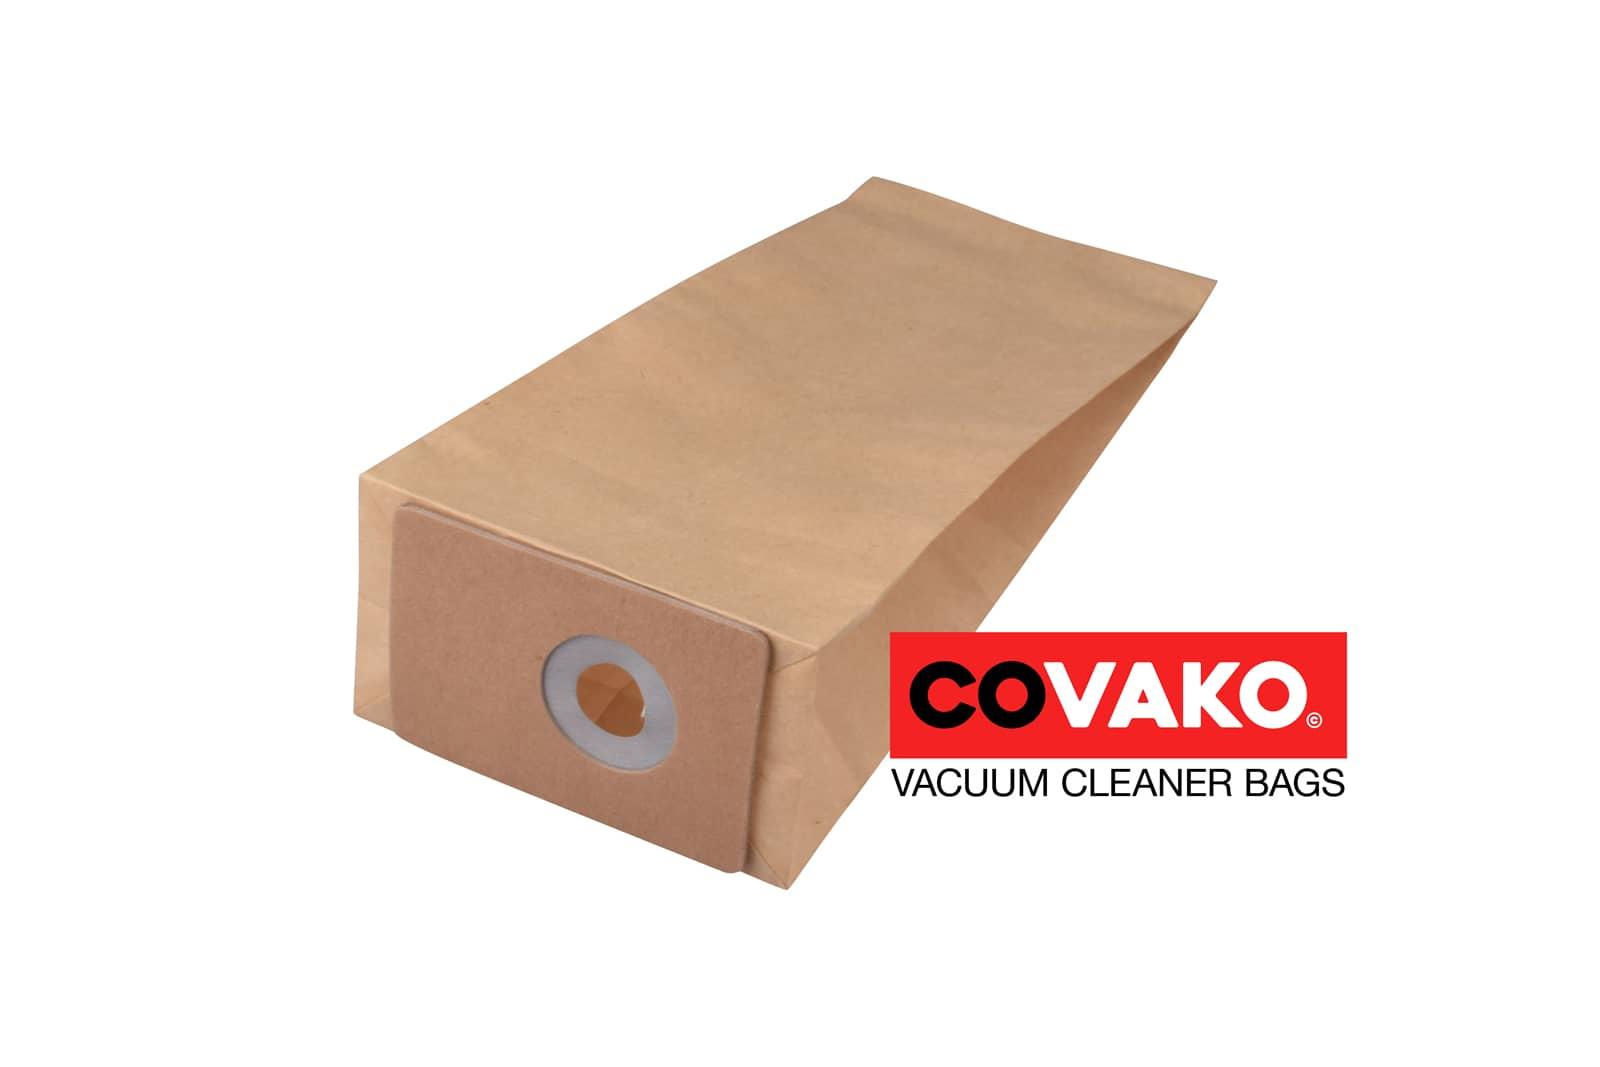 Alto VU 500 / Papier - Alto sacs d'aspirateur